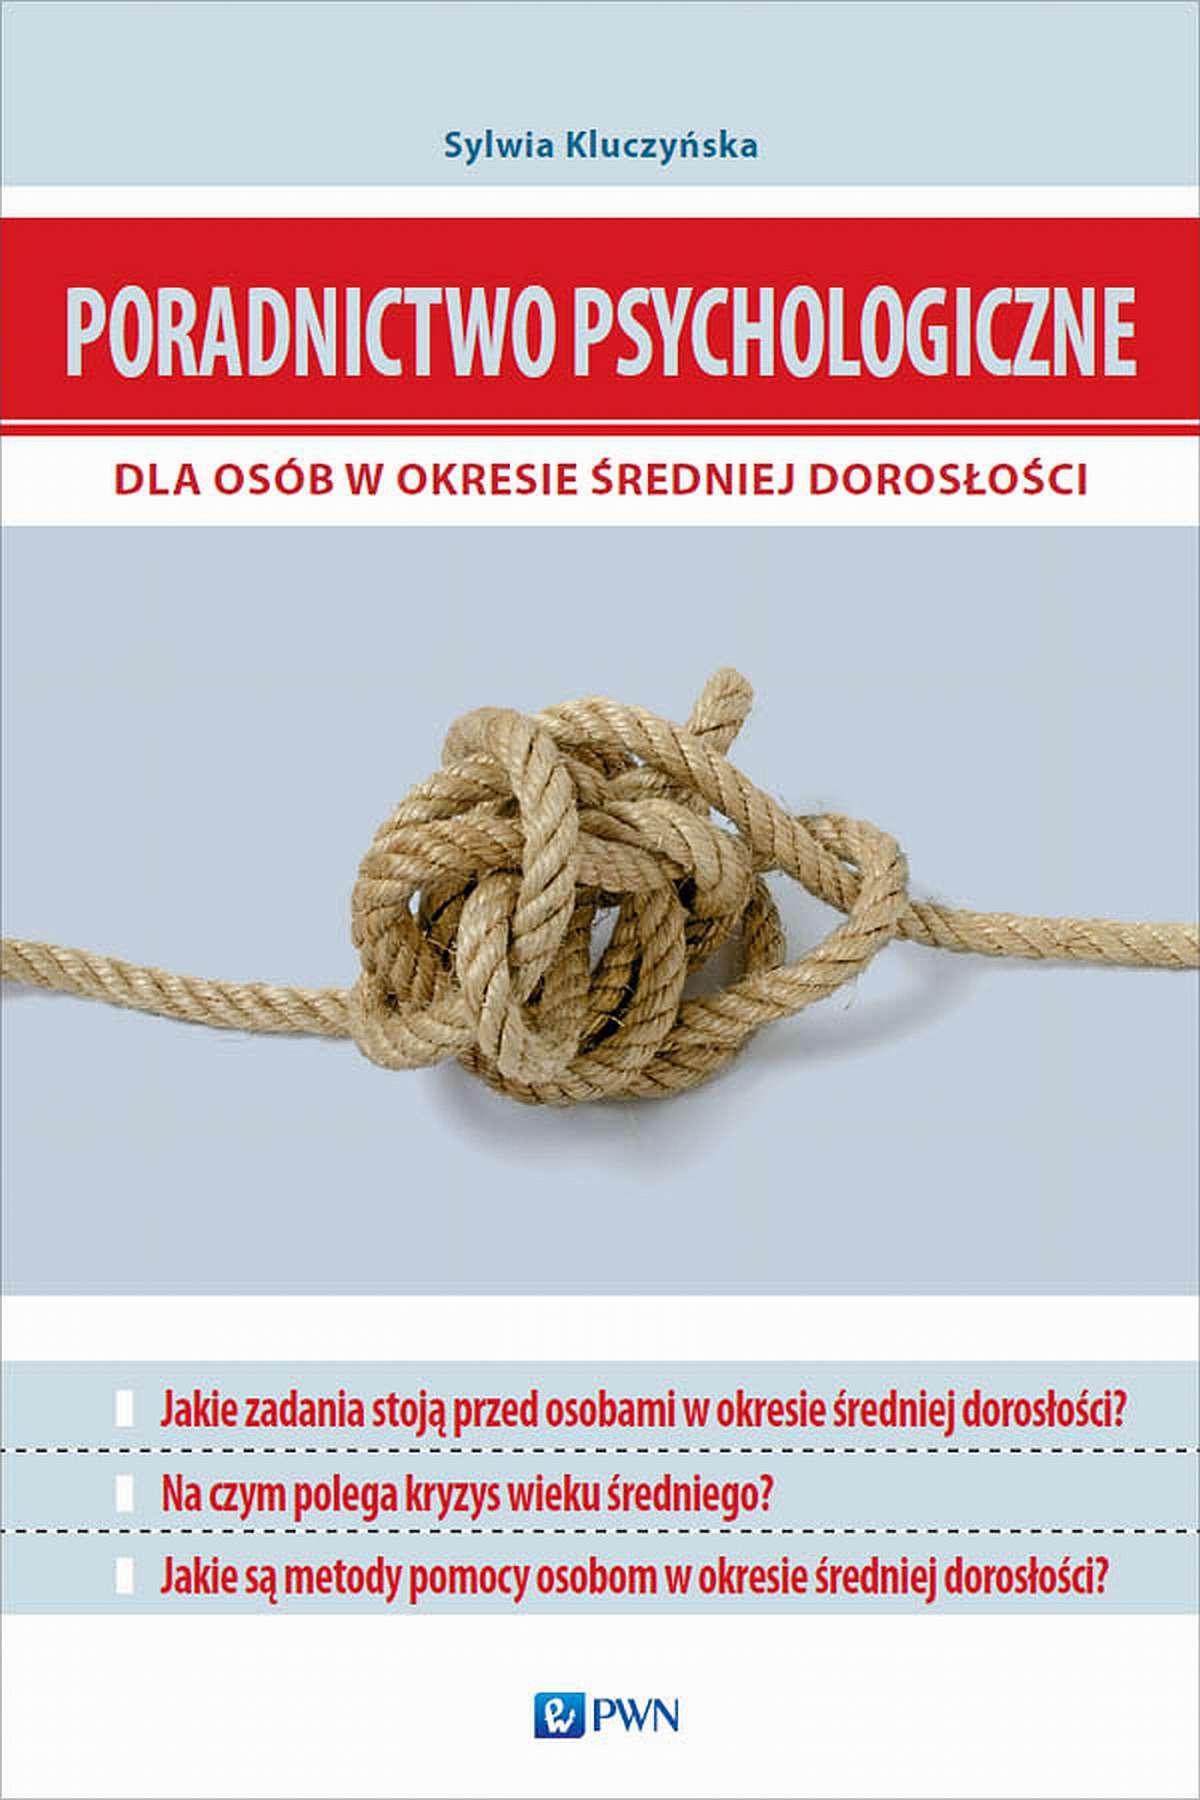 Poradnictwo psychologiczne dla osób w okresie średniej dorosłości - Ebook (Książka EPUB) do pobrania w formacie EPUB